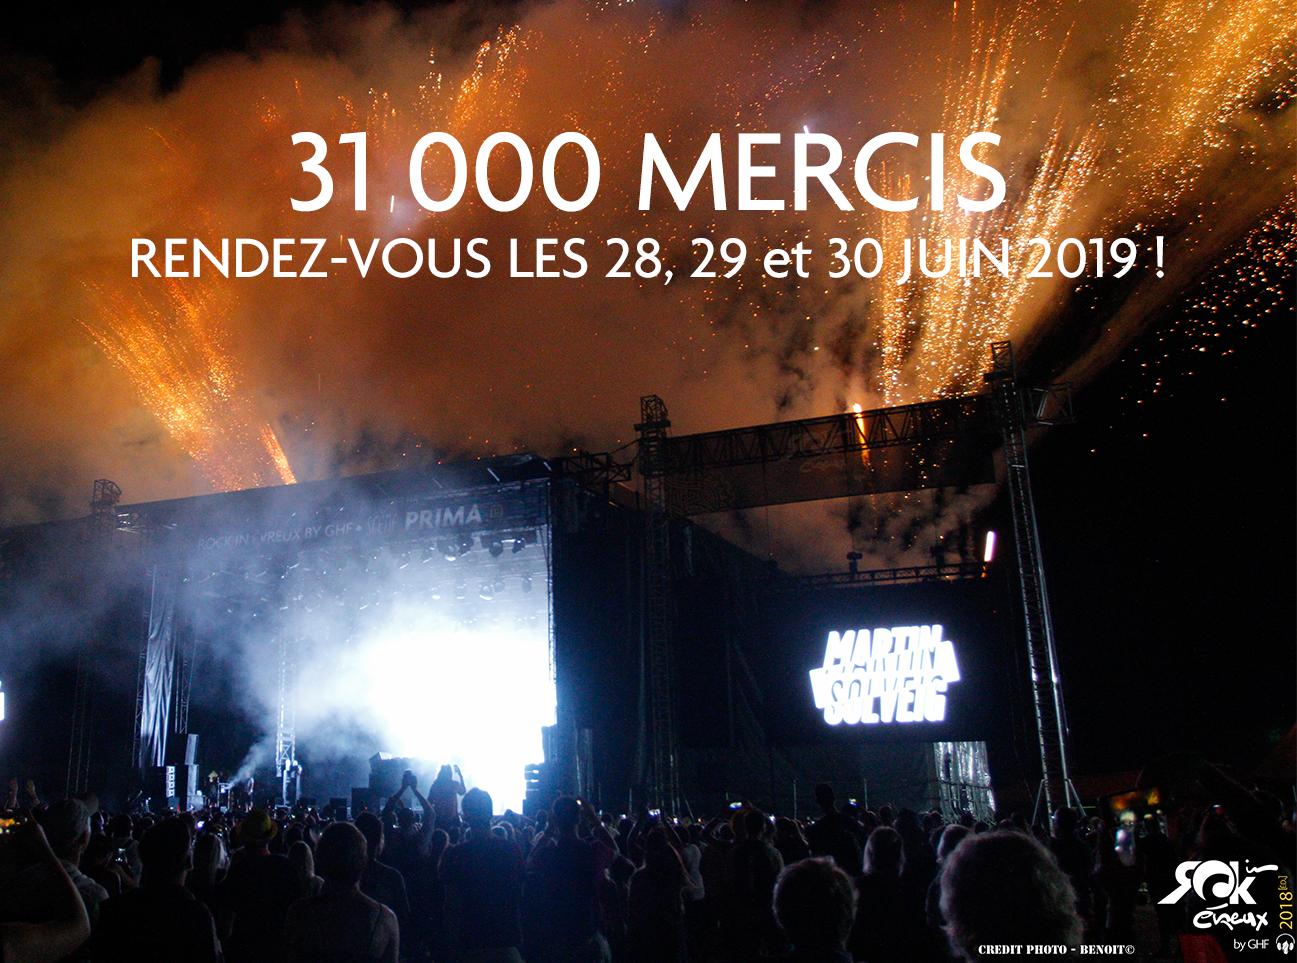 31 000 mercis